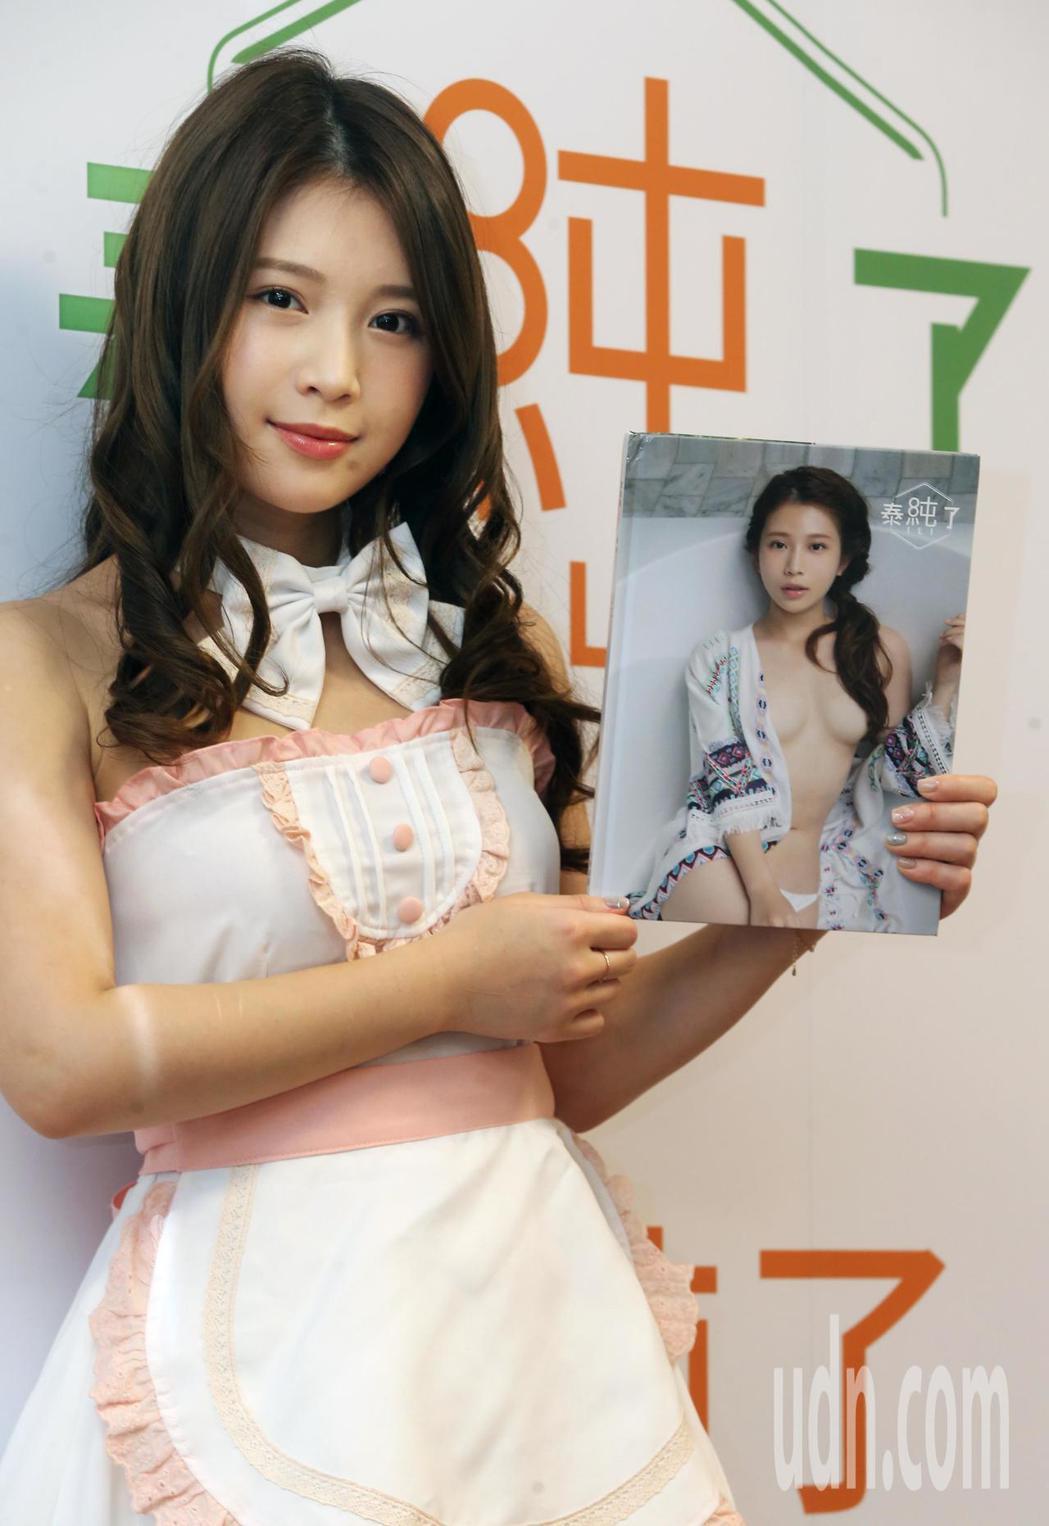 「宅男女神」雞排妹(鄭家純)今天出席第4本寫真集《泰純了》簽名會。記者徐兆玄/攝